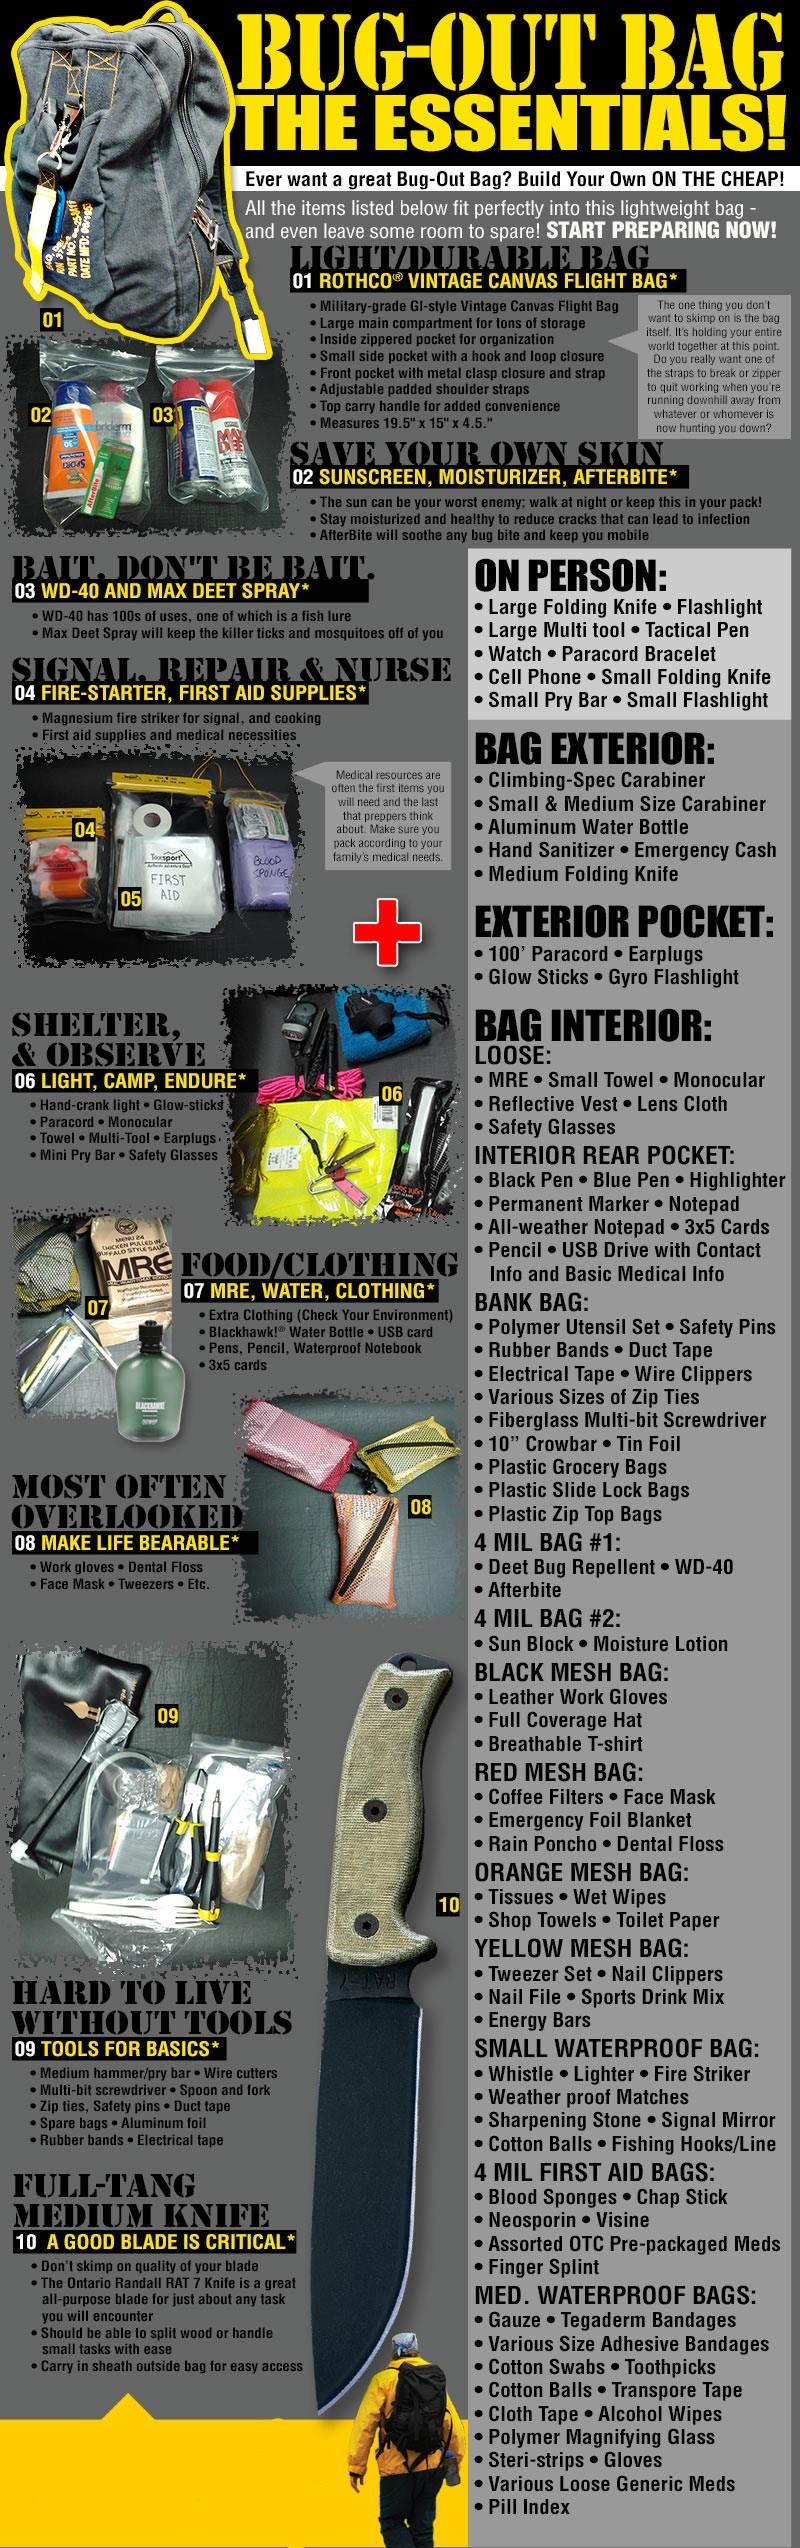 Bug-Out-Bag essentials